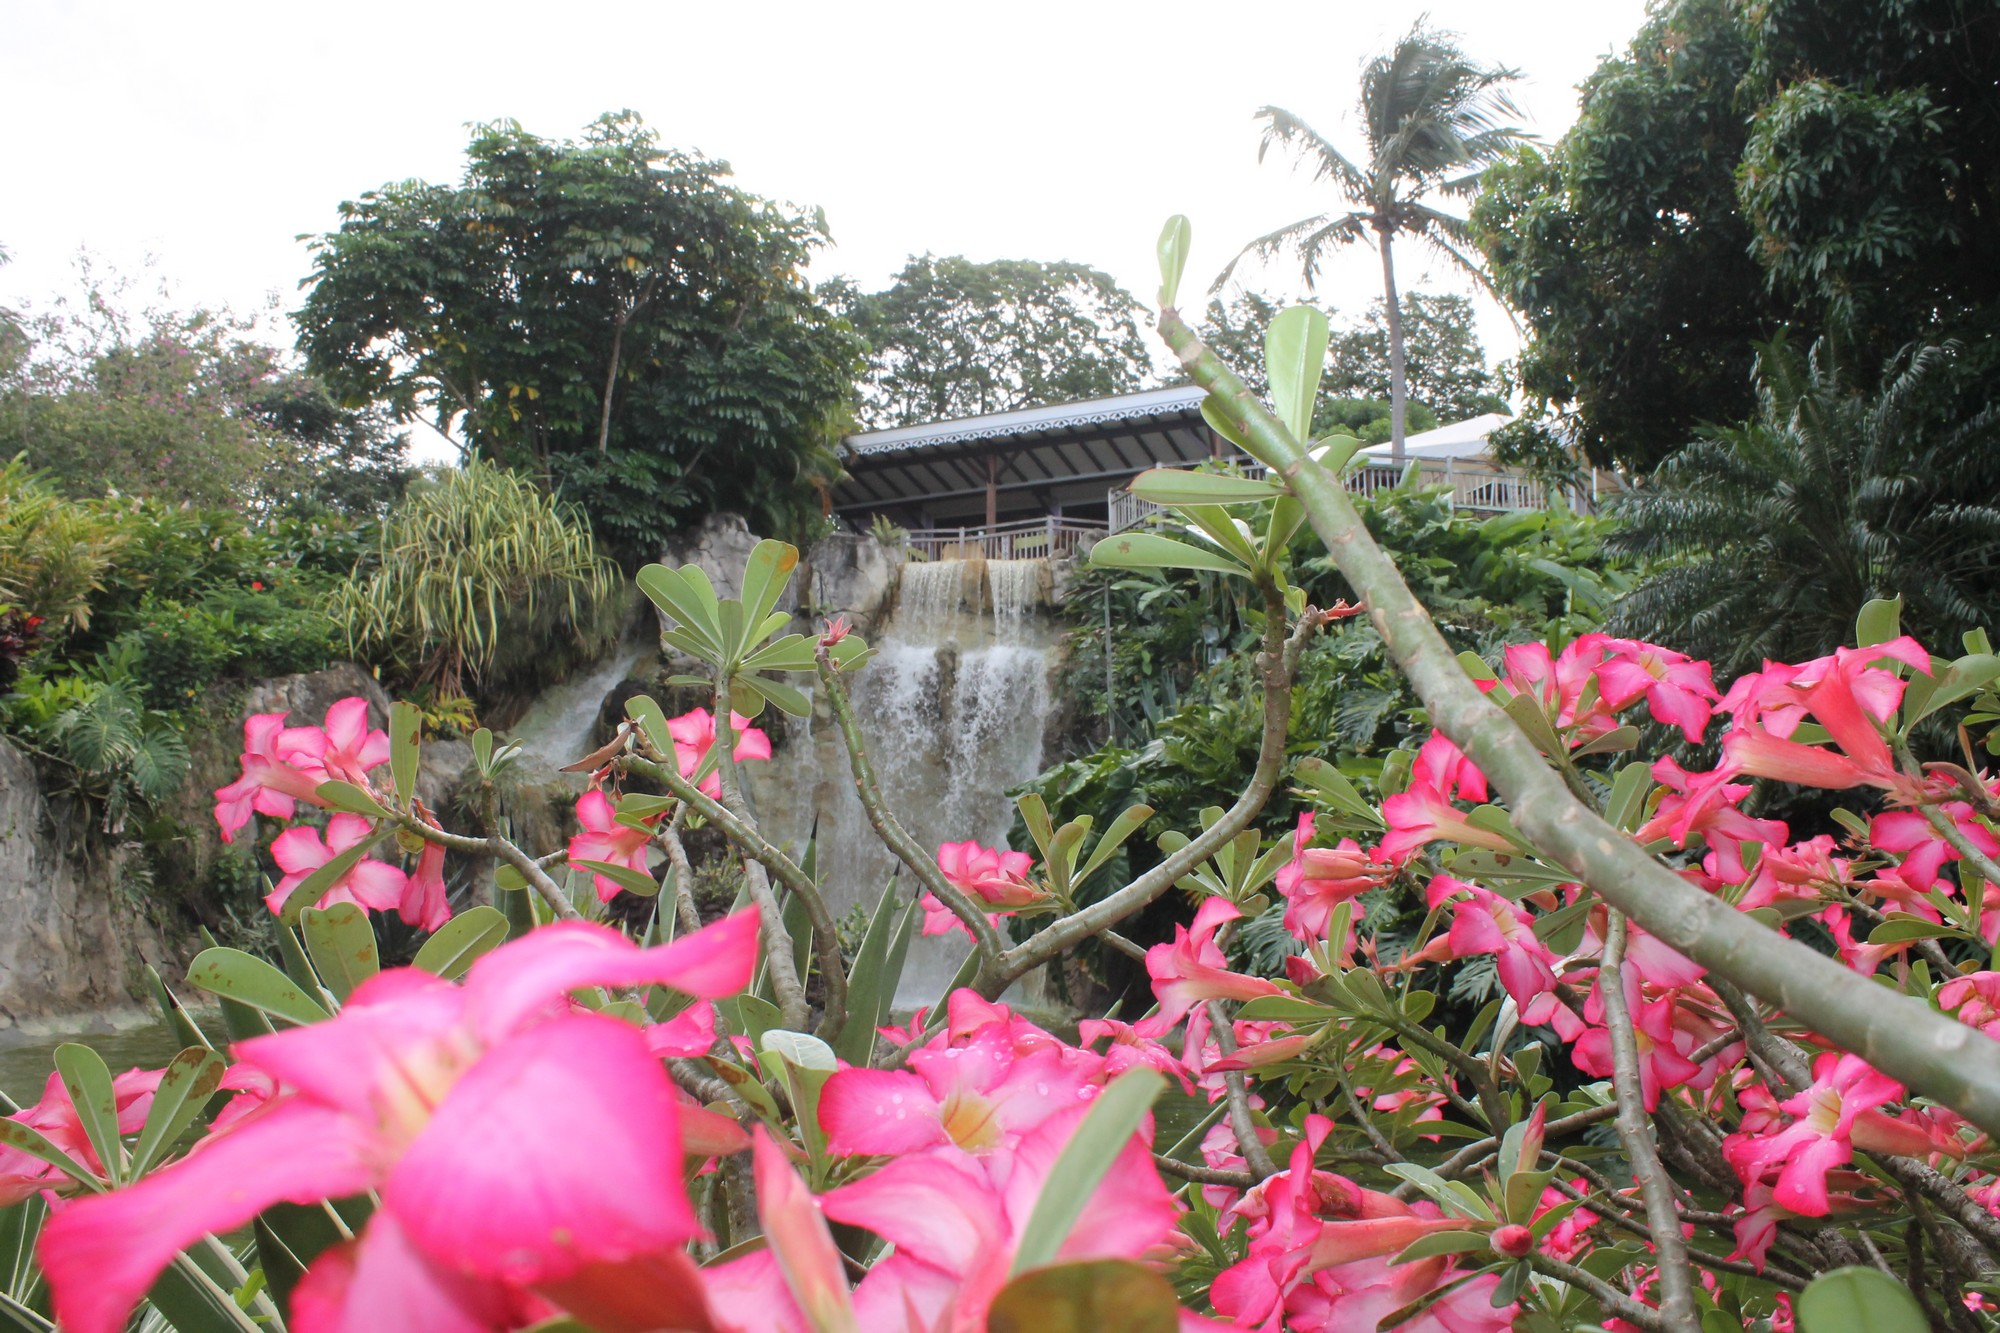 Initials cb le jardin botanique de deshaies initials cb for Jardin botanique rabais 2015